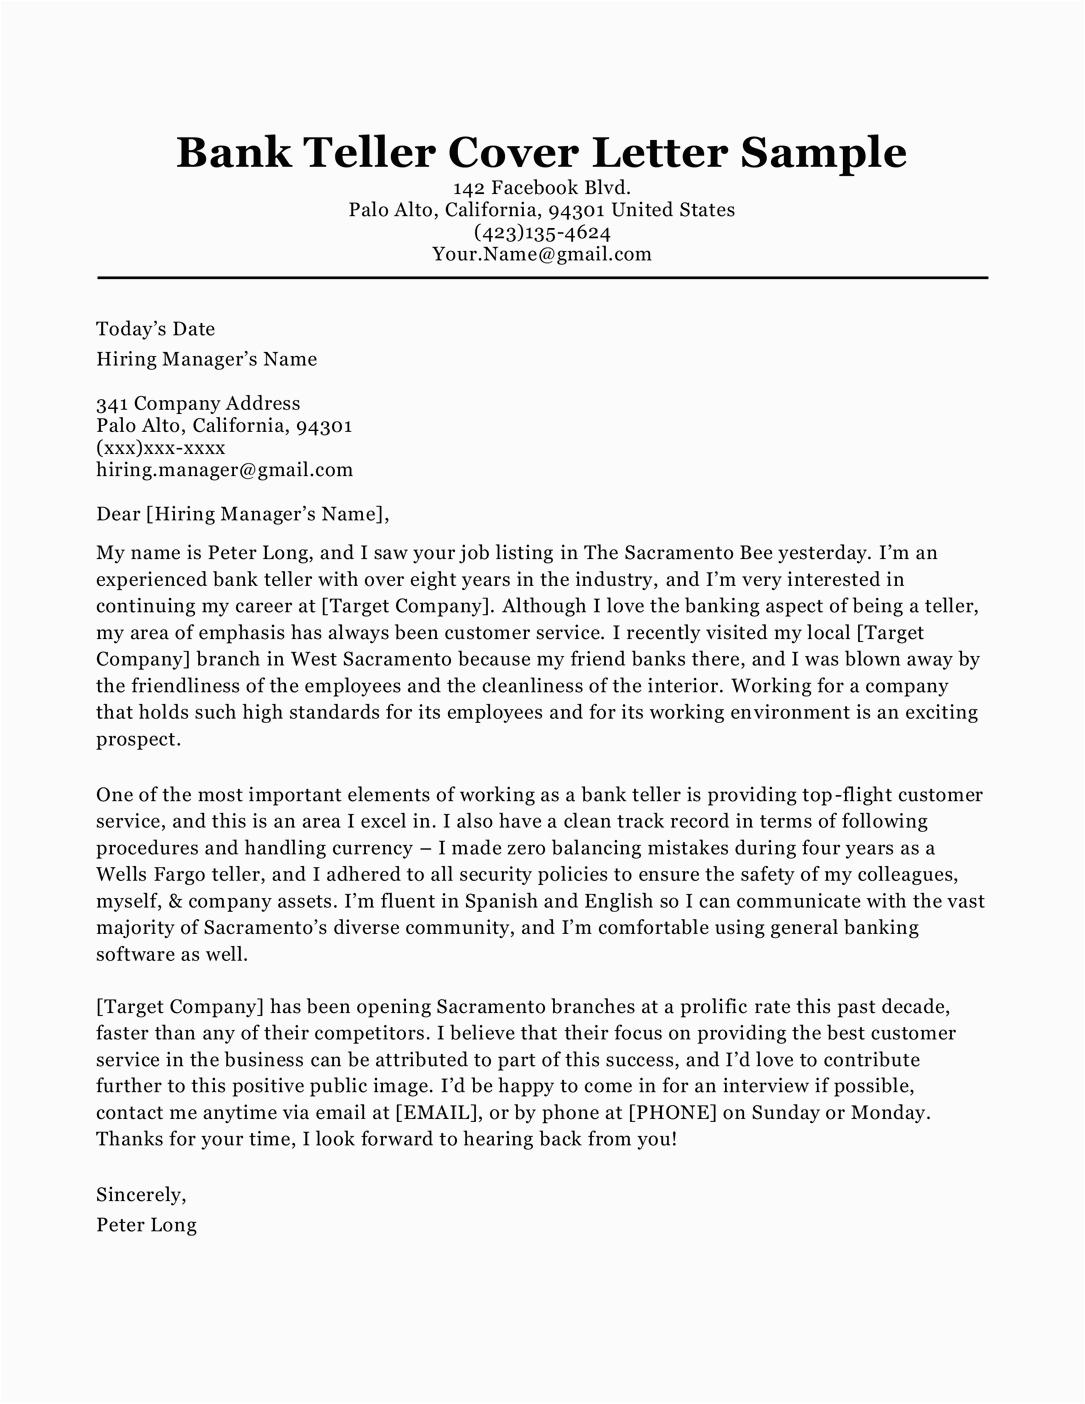 Bank Teller Resume Cover Letter Samples Bank Teller Cover Letter Sample & Tips